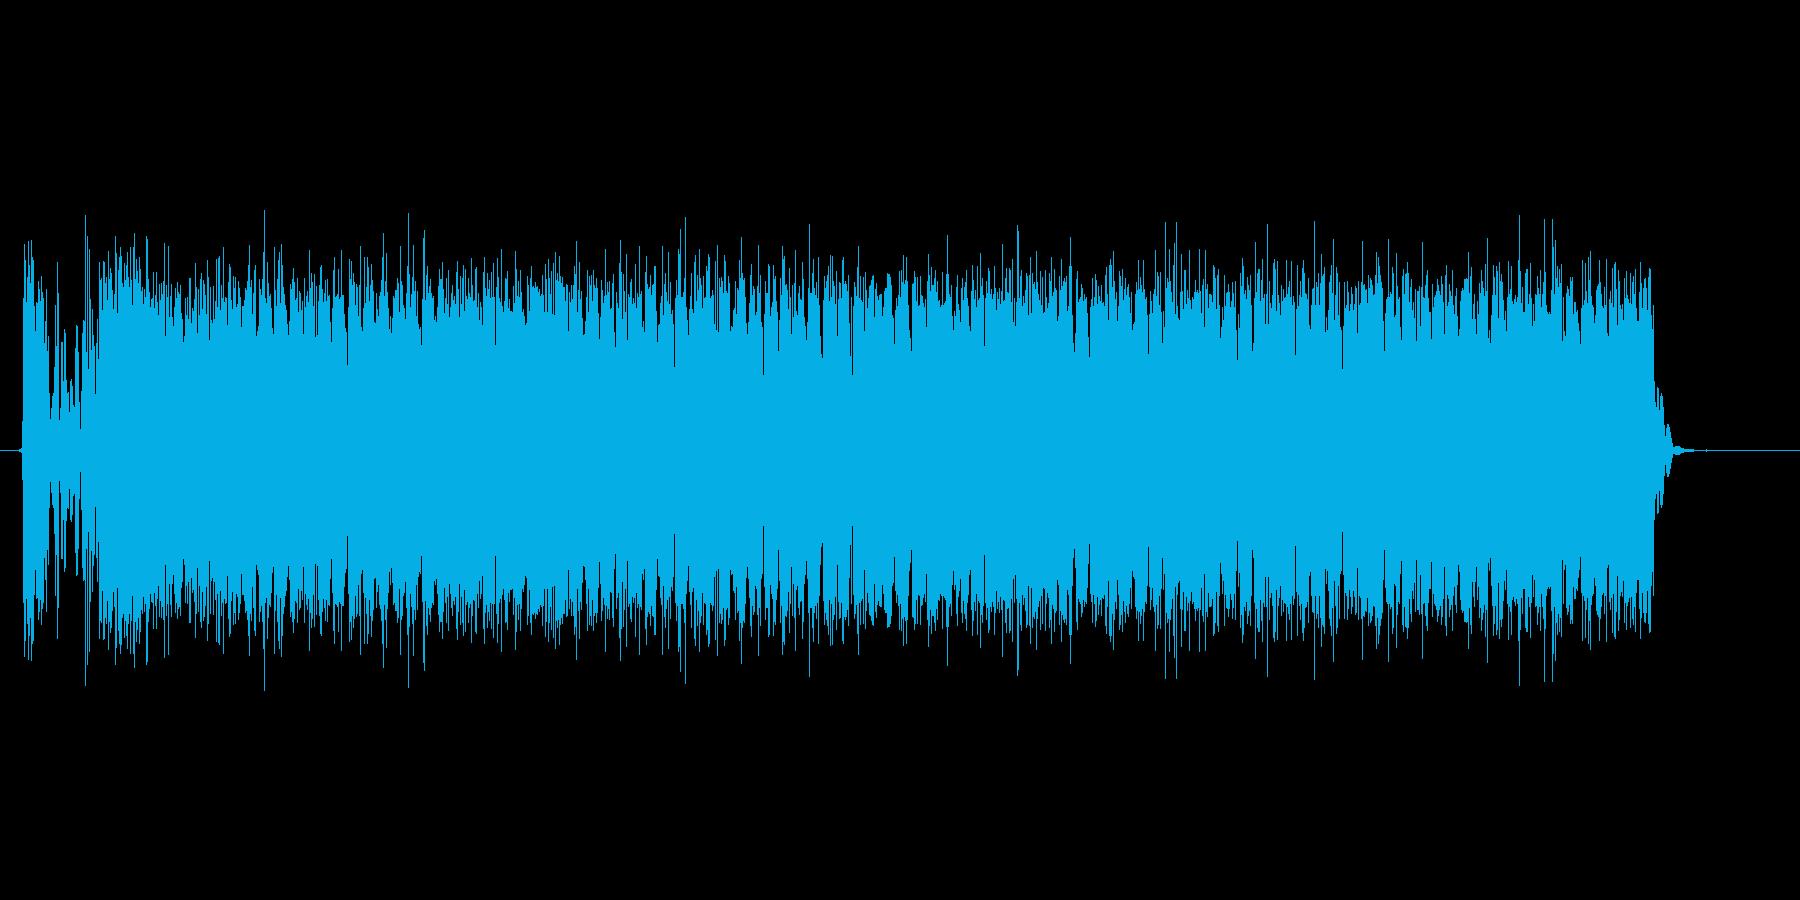 強力なビーム攻撃を放つ効果音の再生済みの波形